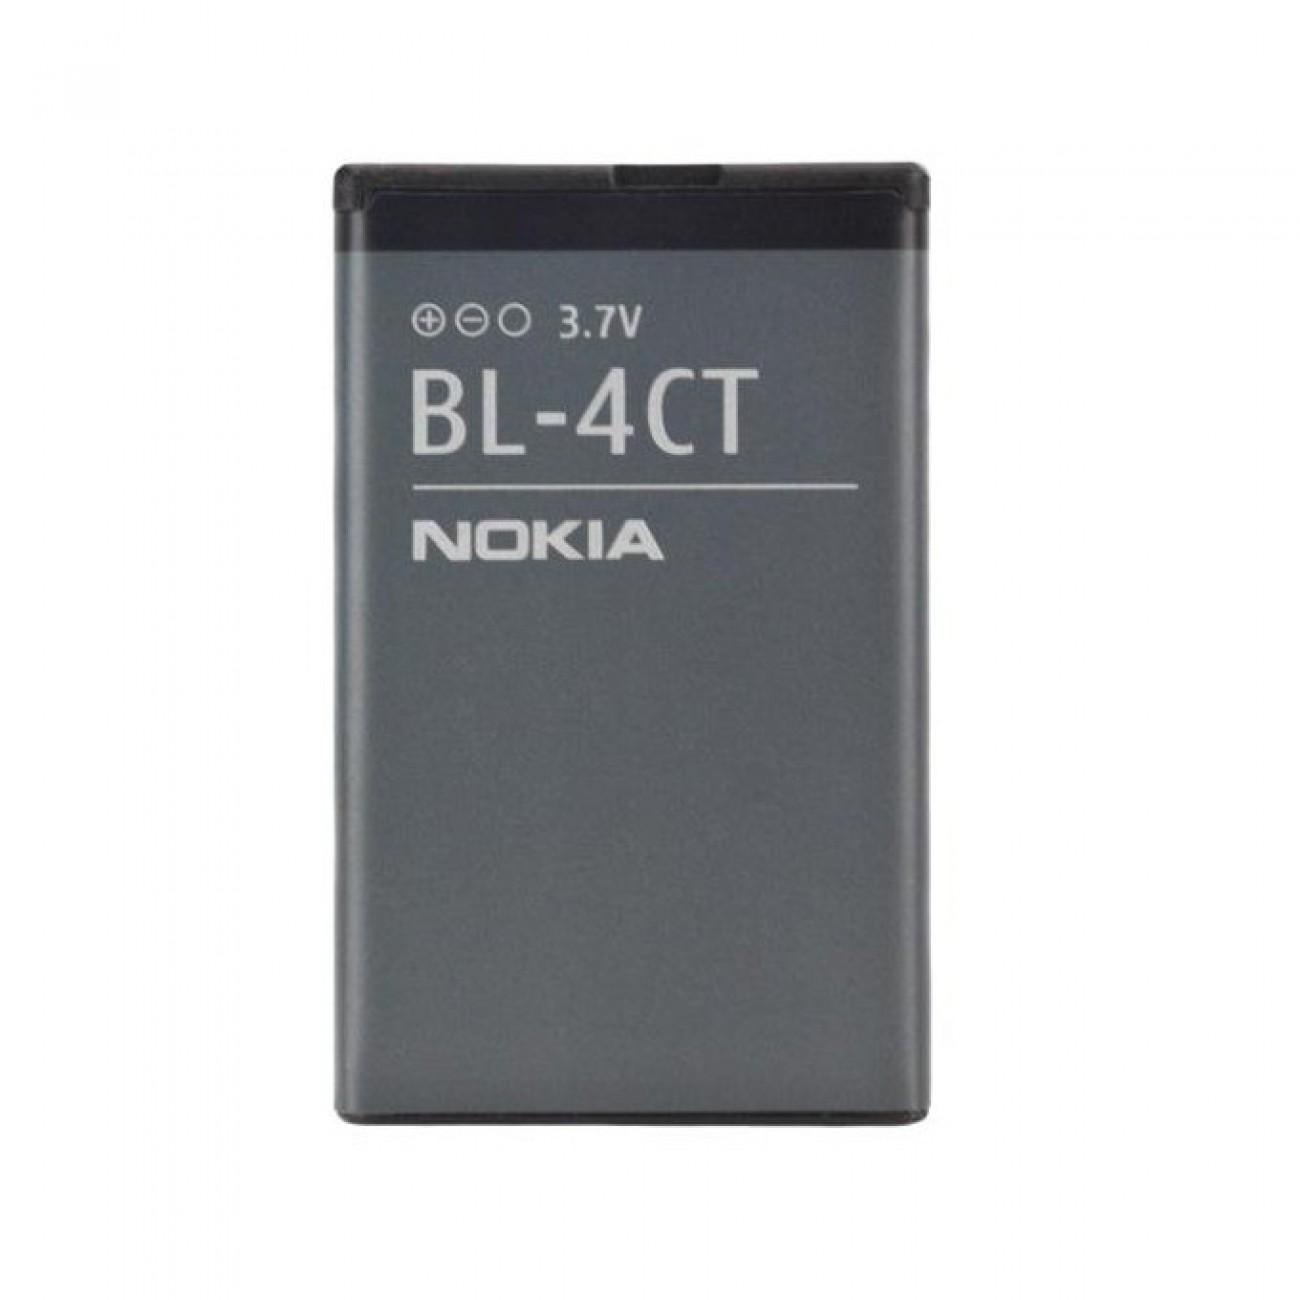 Батерия (oригинална) за Nokia 2720f, 5310 XM, 7210 Supernova и др, 860mAh/3.7V в Батерии за Телефони, Таблети -    Alleop